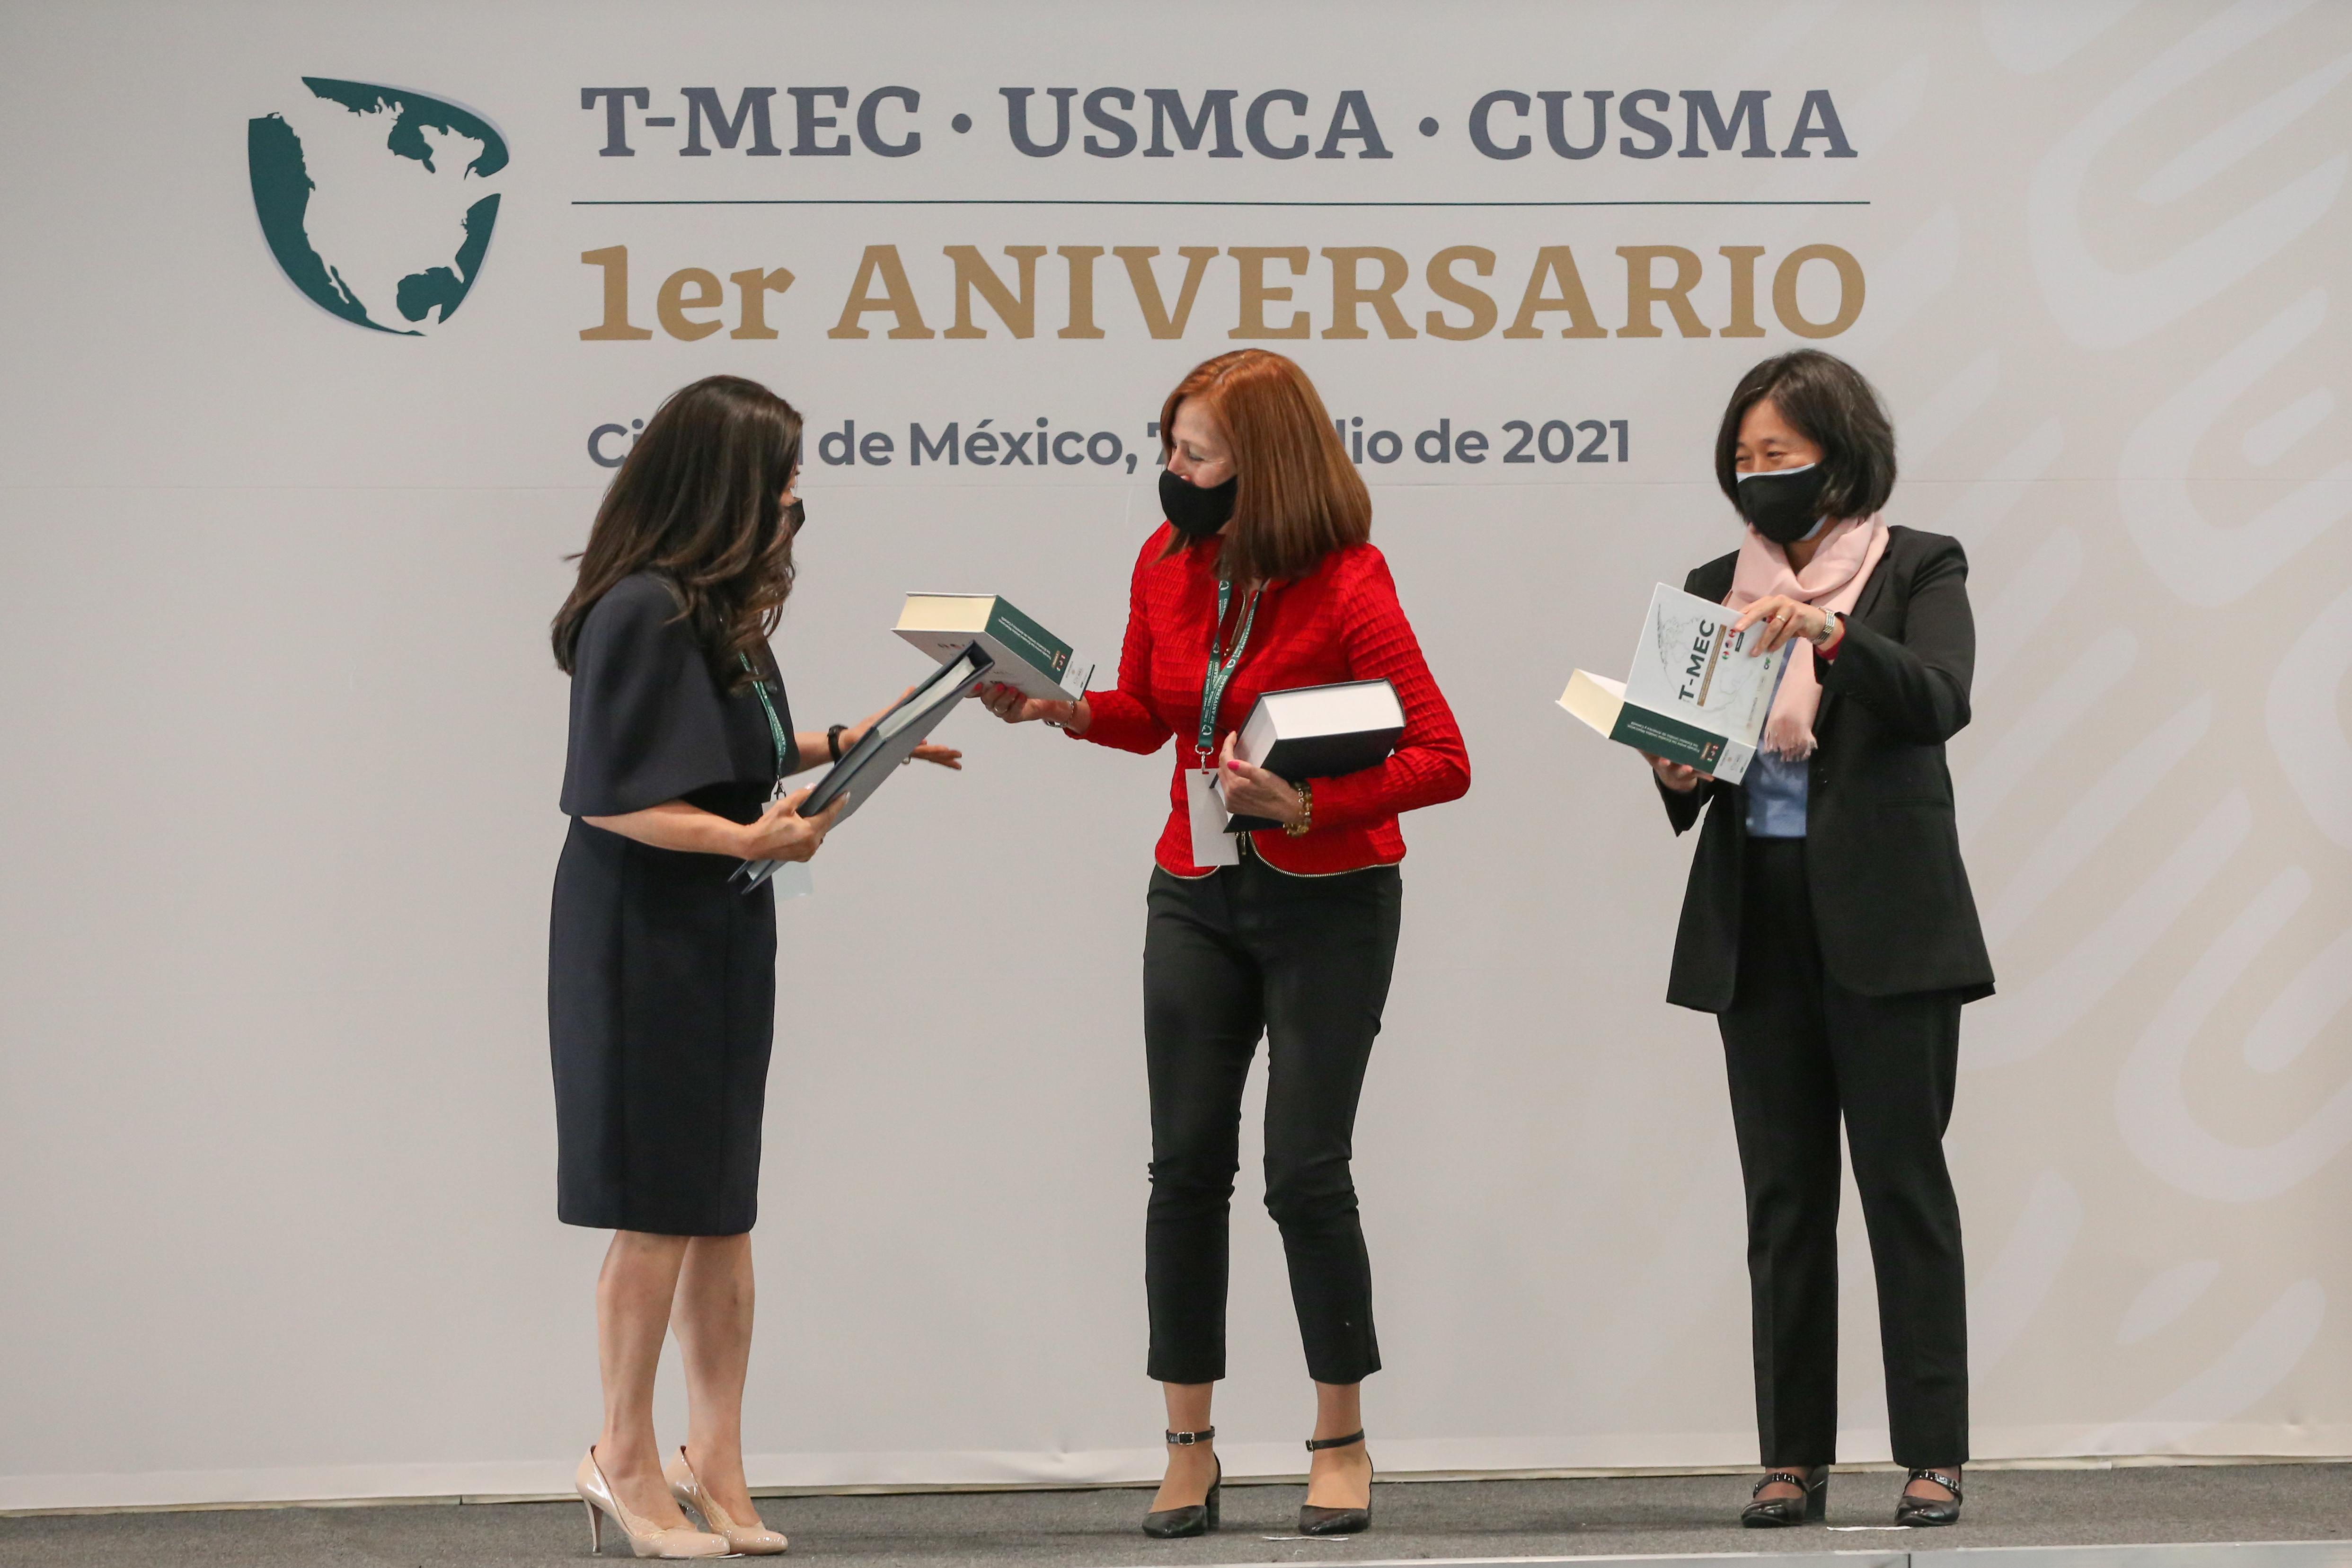 Al centro Tatiana Clouthier de México, a la izquierda de la foto Mary NG de Canadá y a la derecha Katherine Tai representante de Estados Unidos.